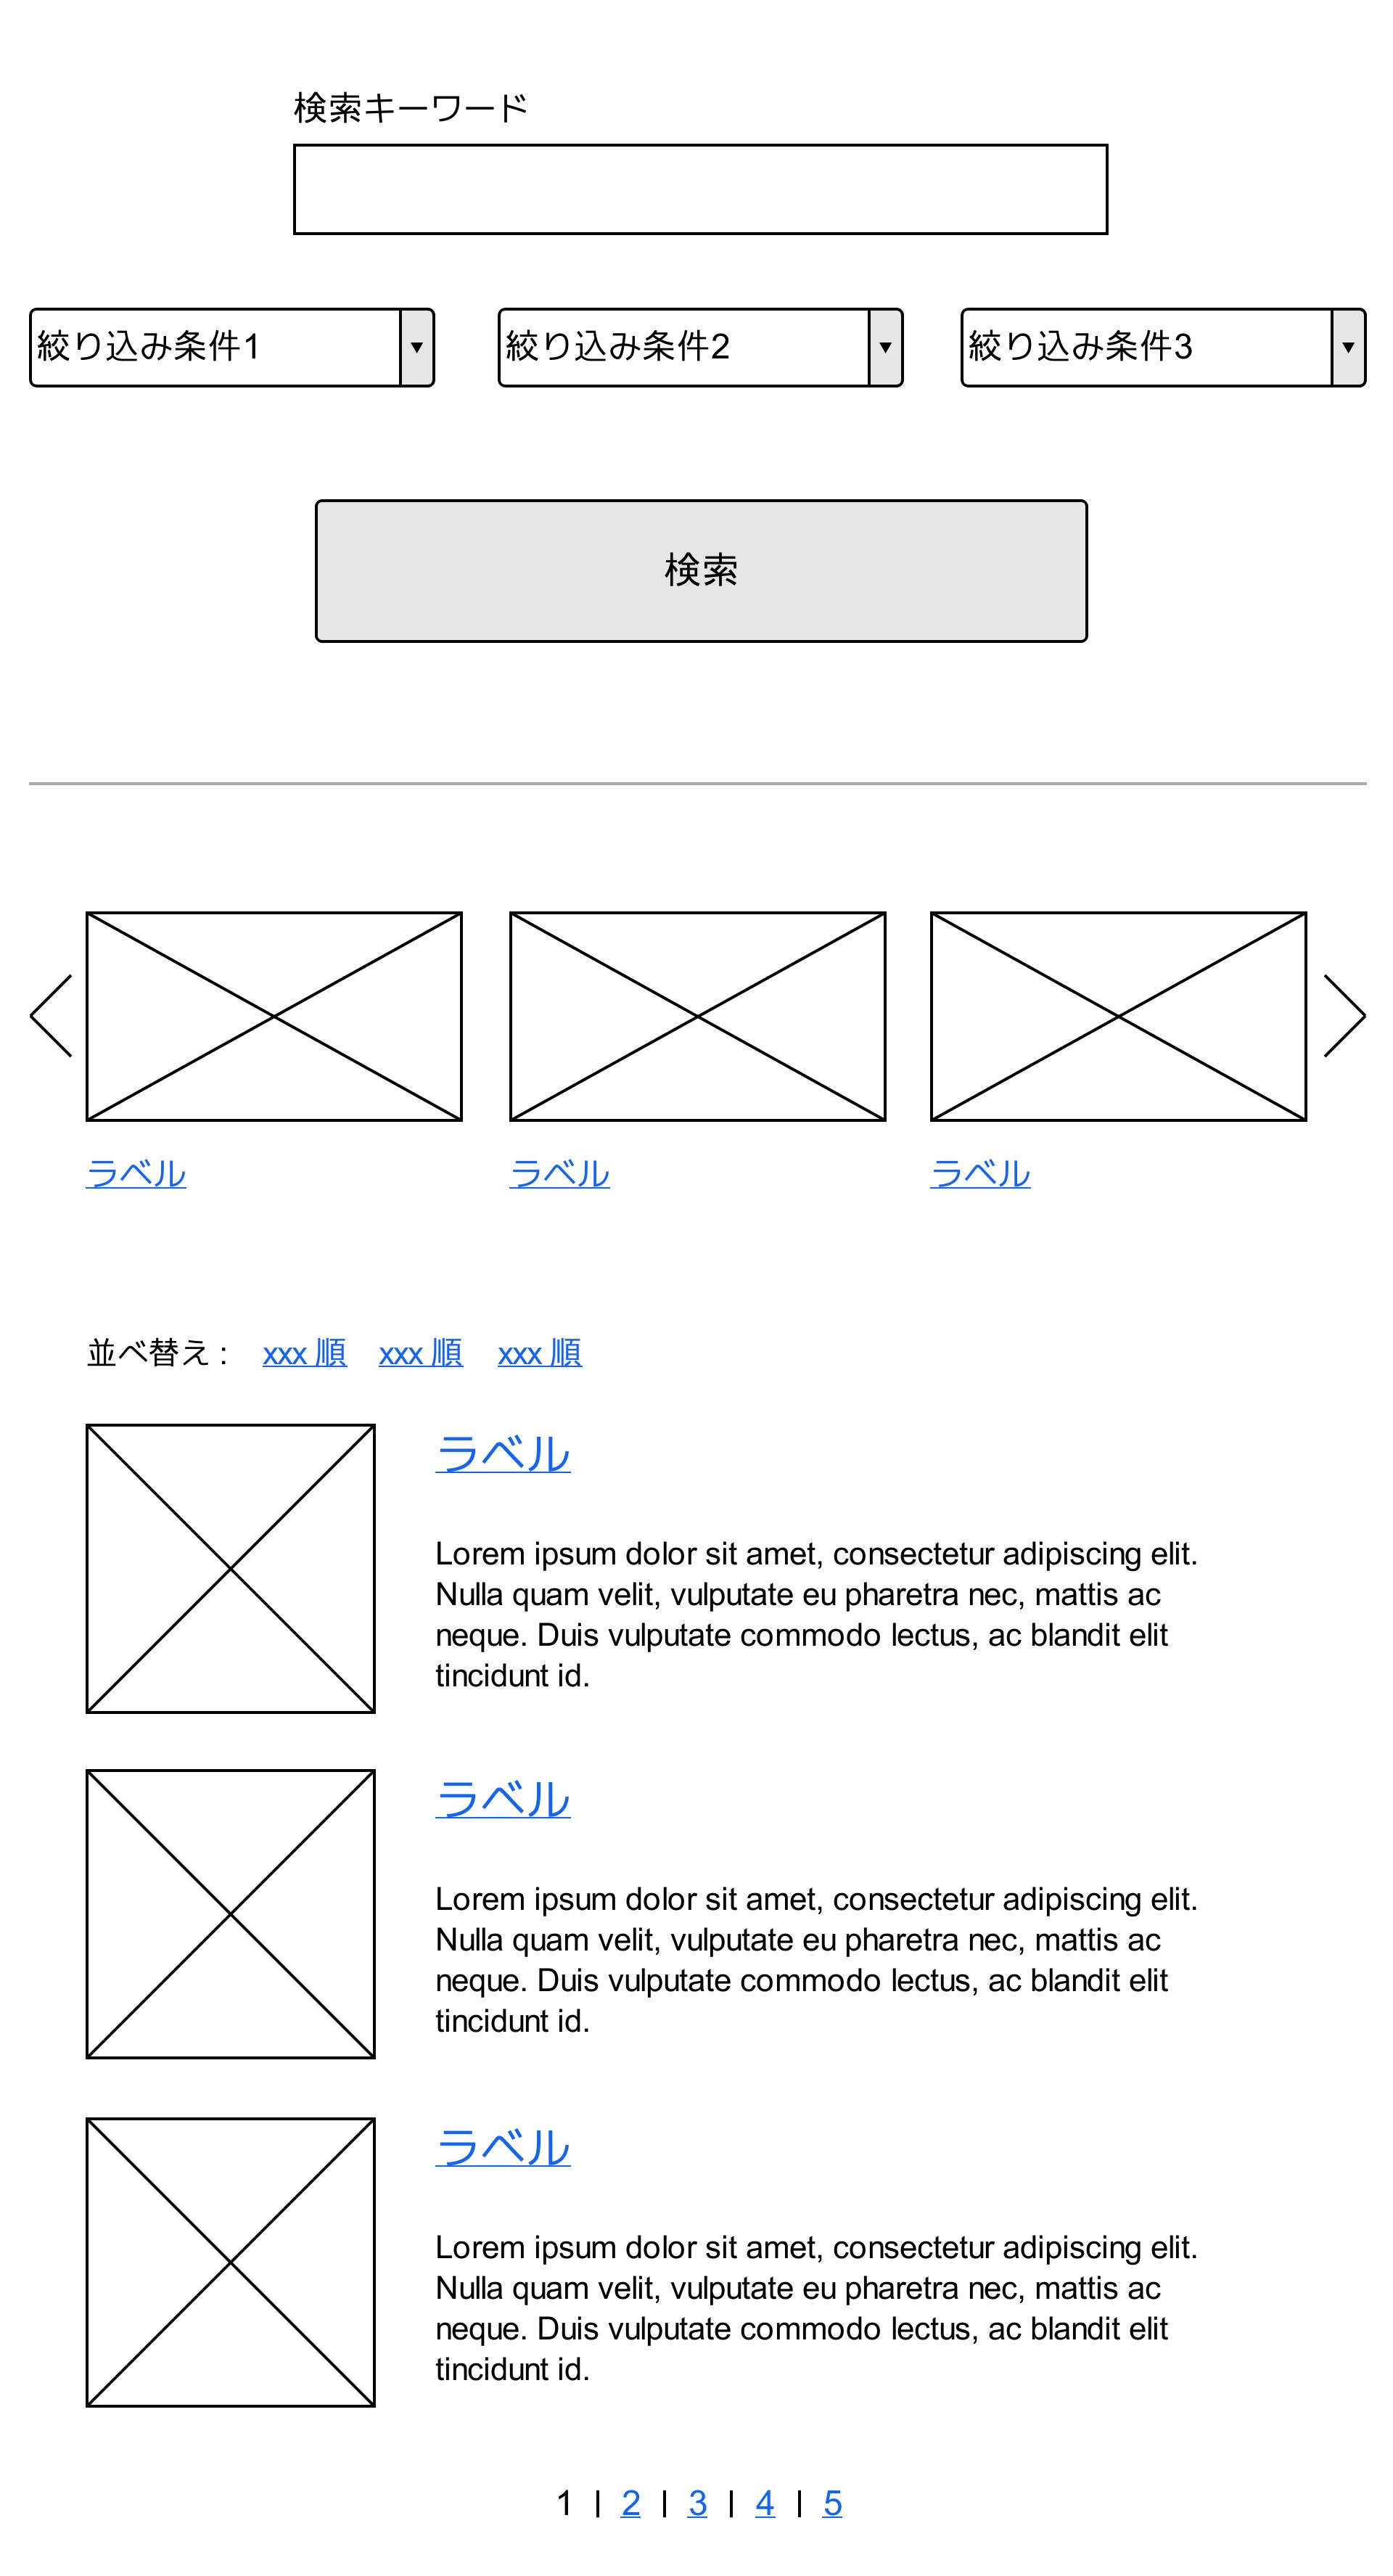 画面設計アイデア (ユーザーのクエリに対して関連しそうなコンテンツへのリンクバナーも併せて表示する)